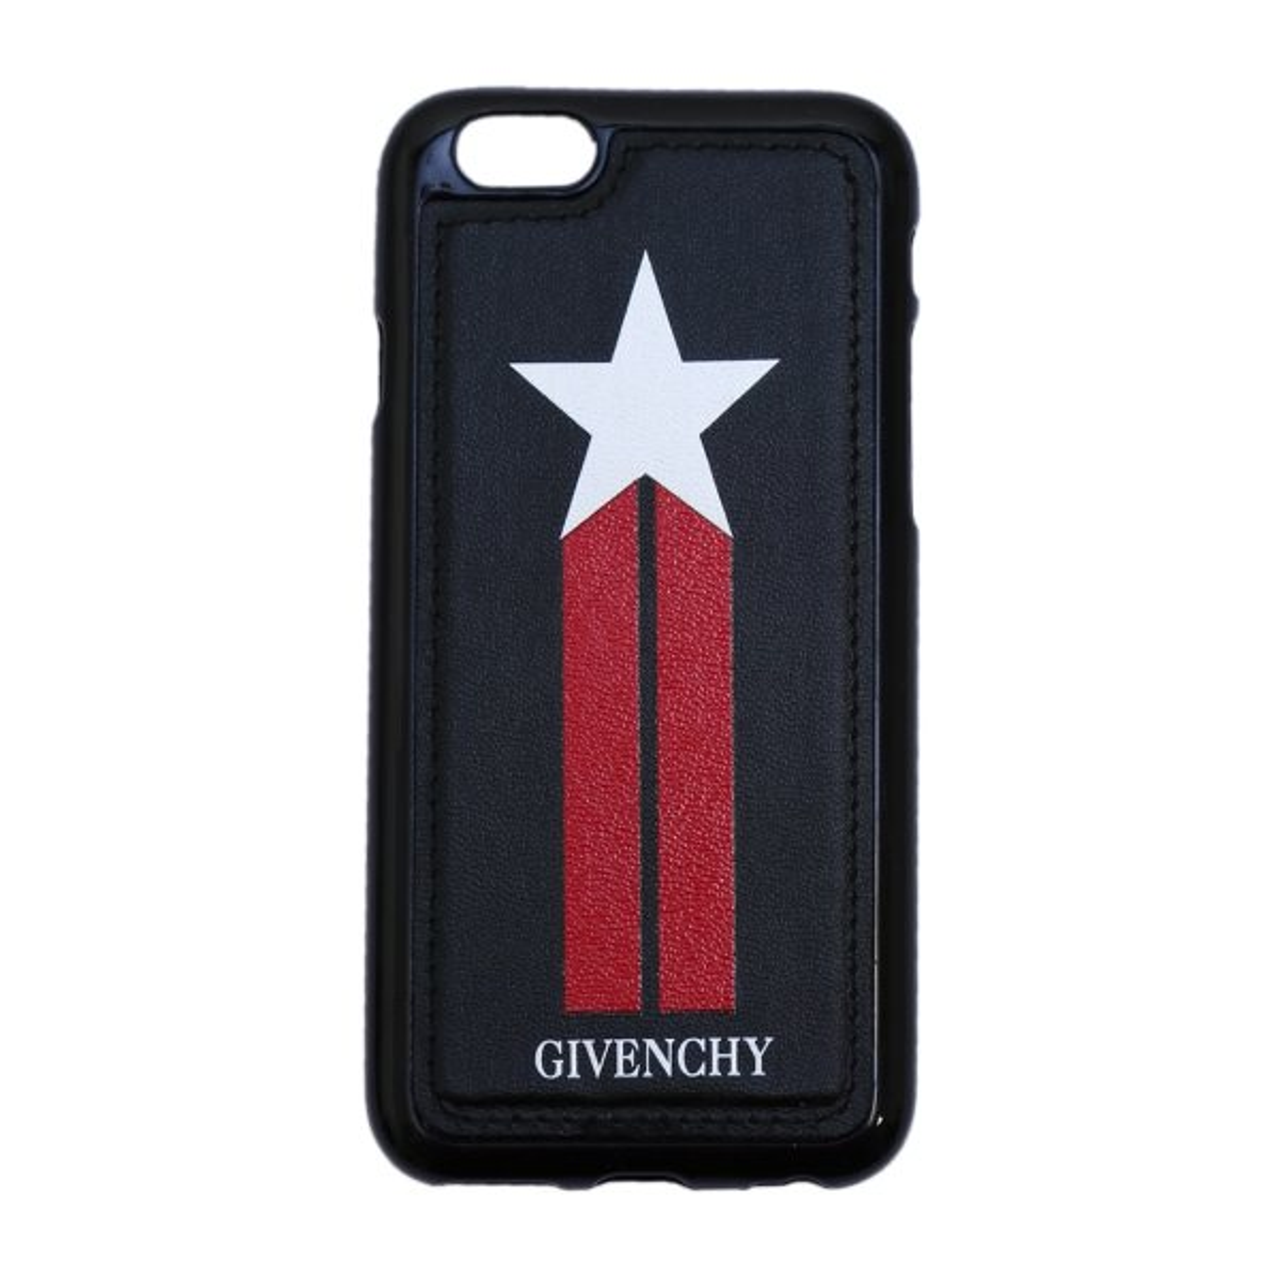 کاور فشن طرح Givenchy مناسب برای گوشی موبایل آیفون 6/6s